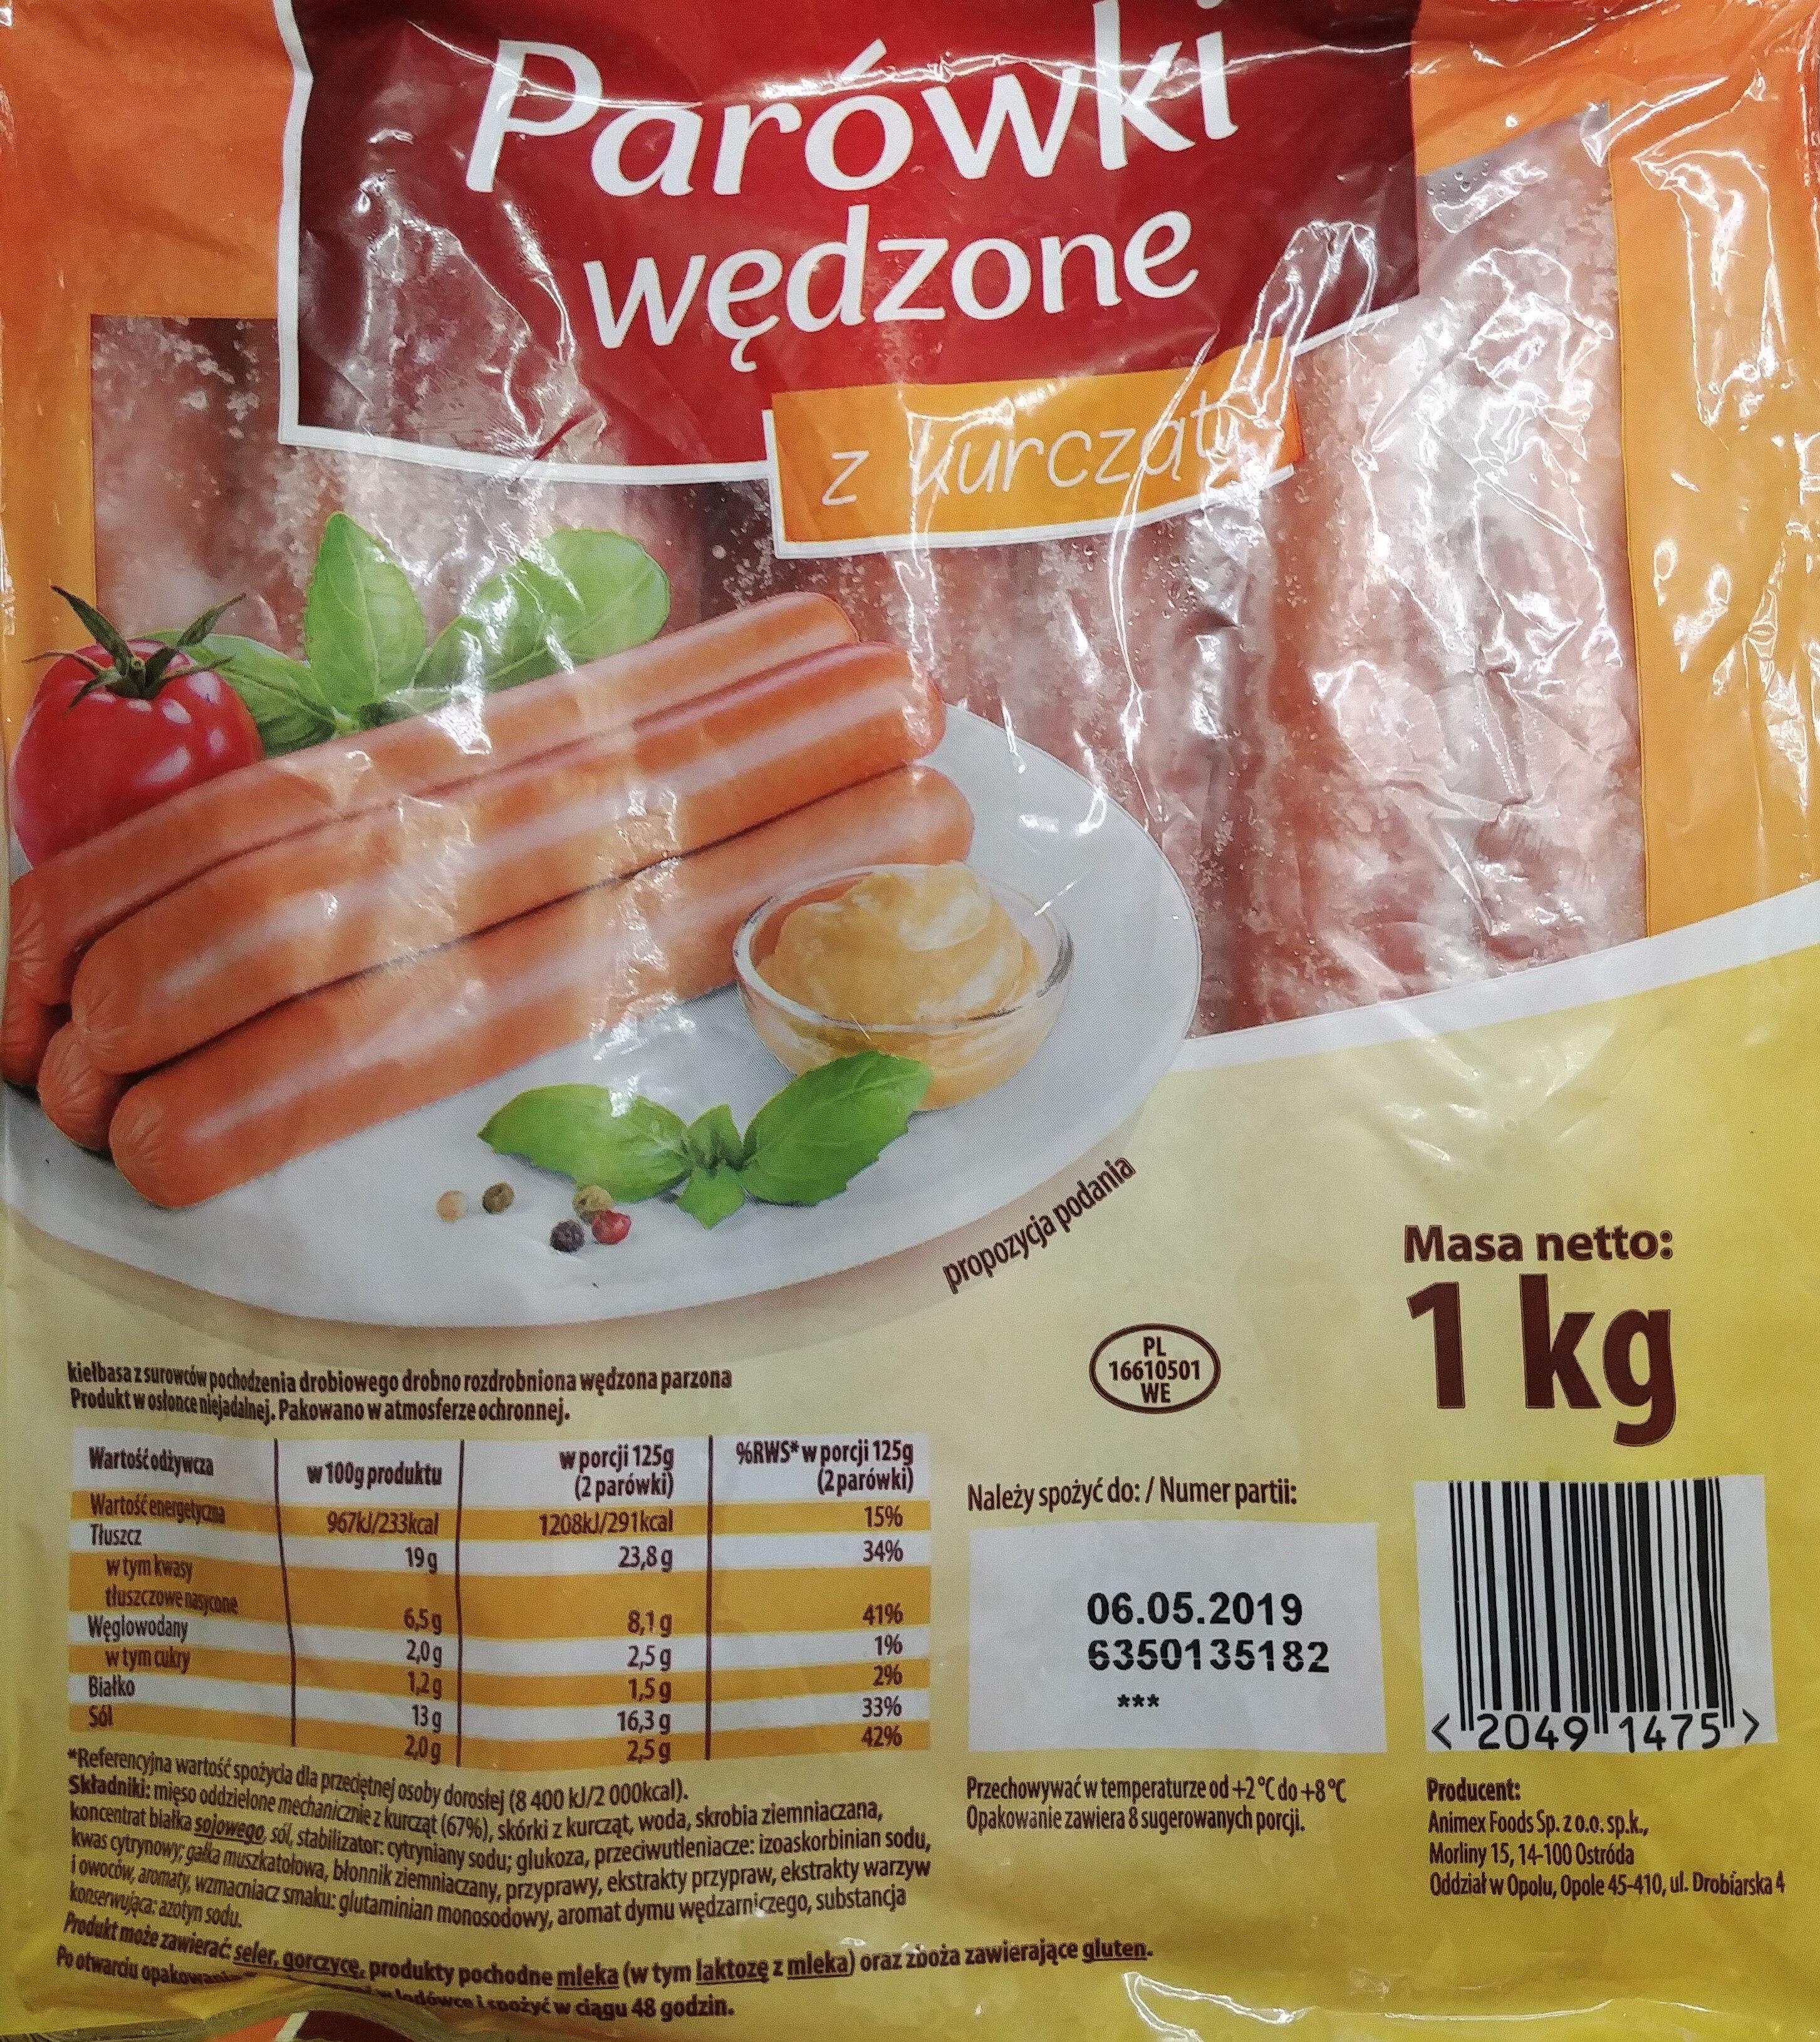 Parówki wędzone z kurcząt - Animex Food - 1 kg